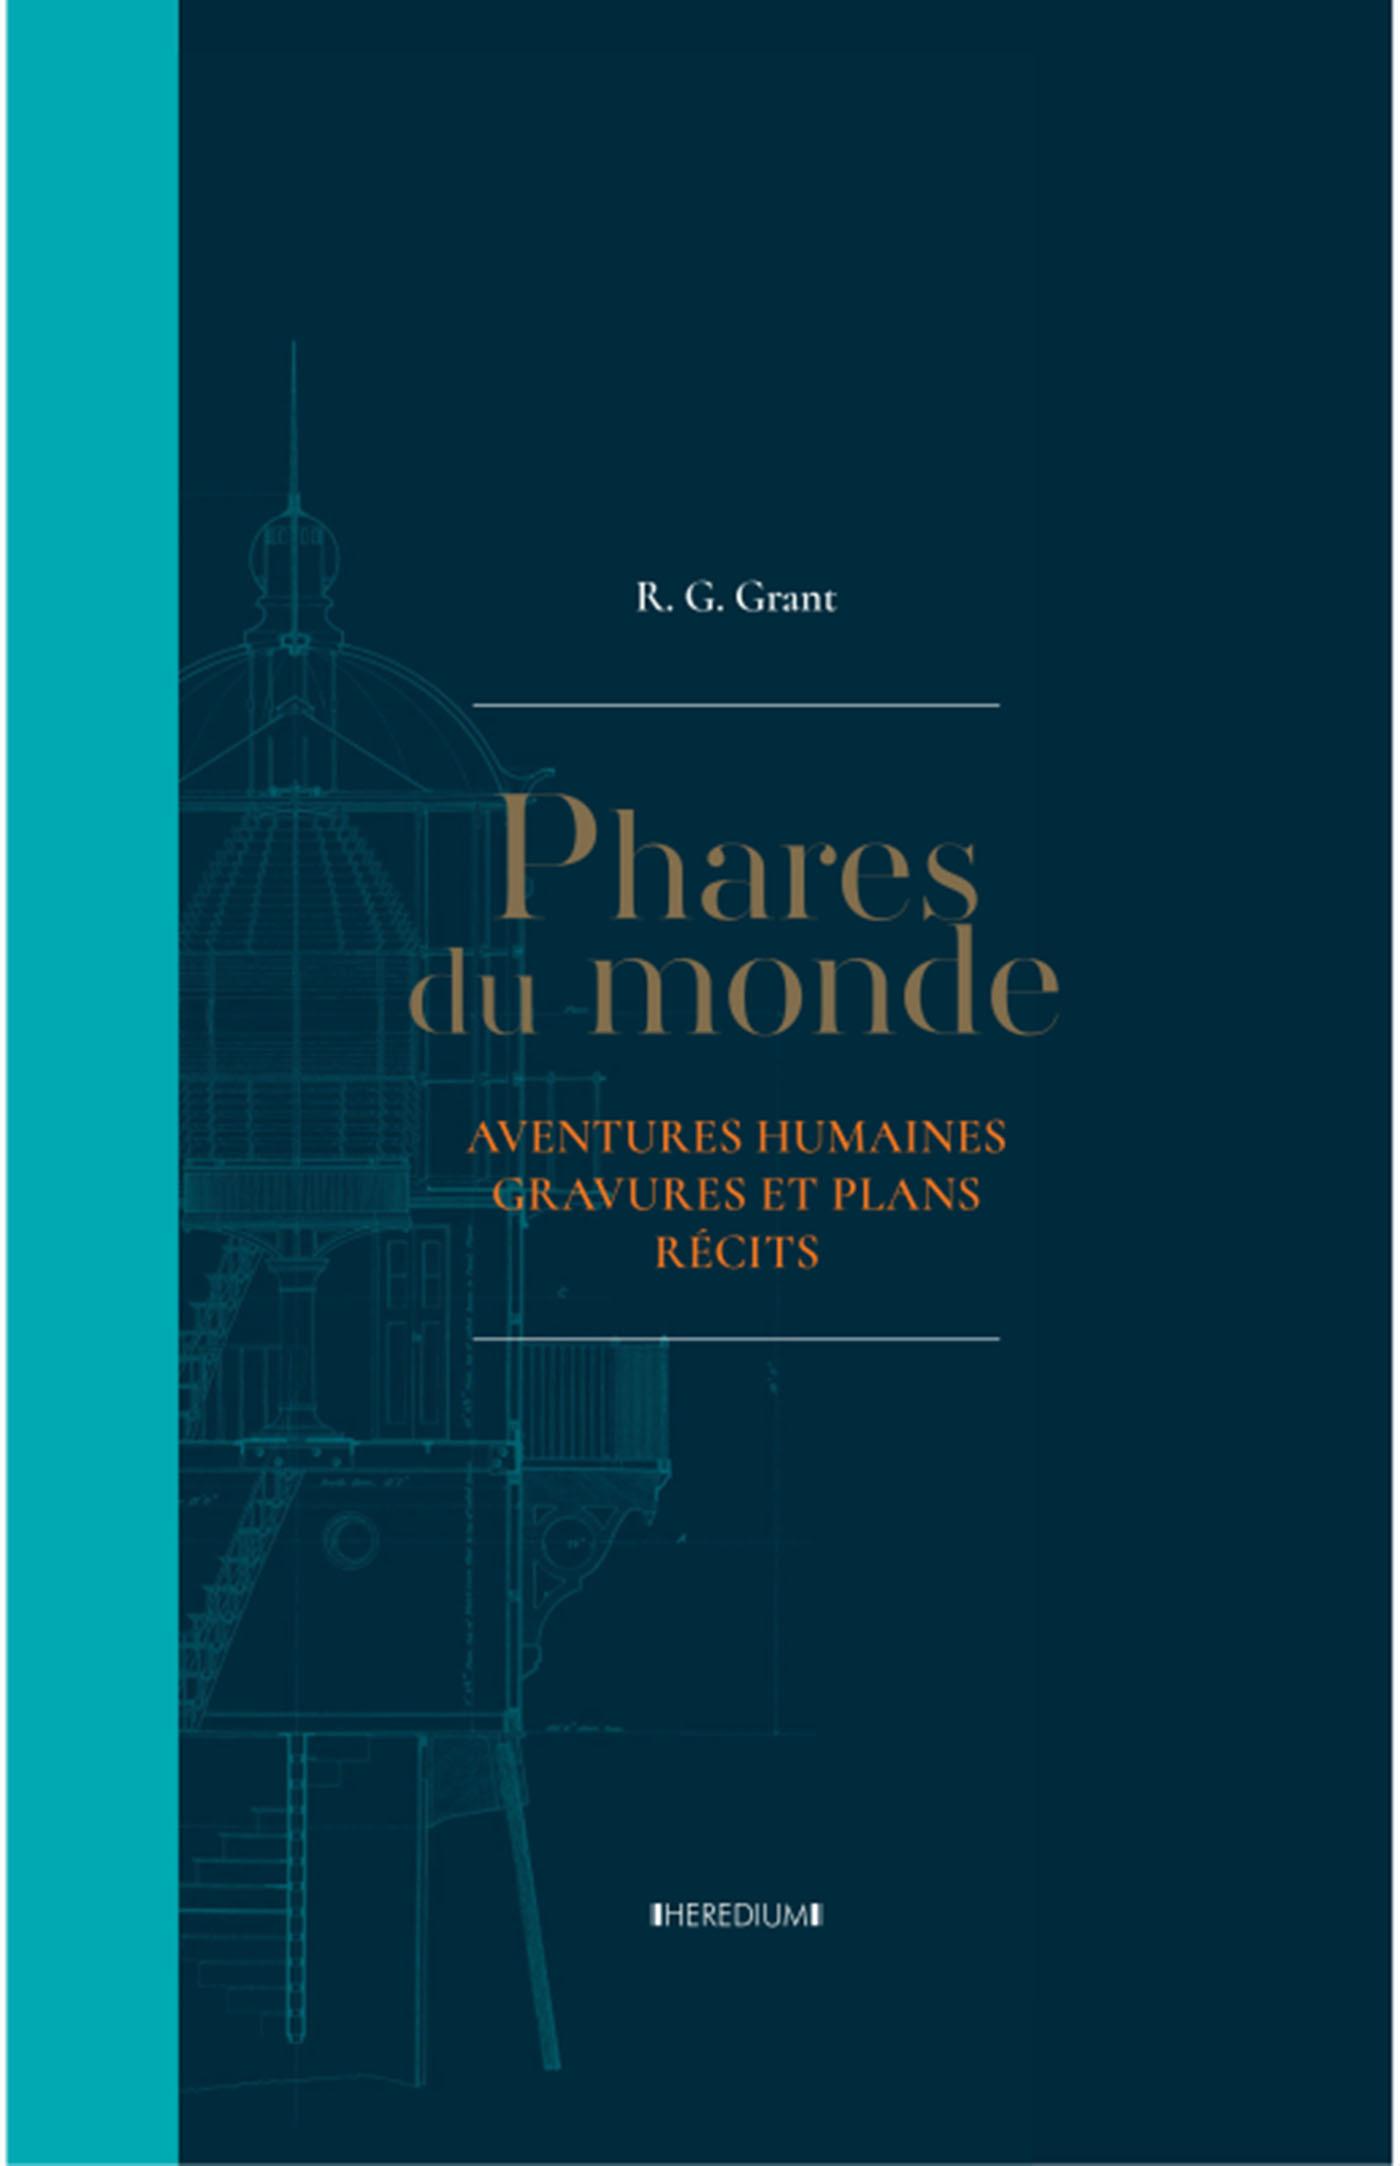 PHARES DU MONDE - AVENTURES HUMAINES - GRAVURES ET PLANS - RECITS